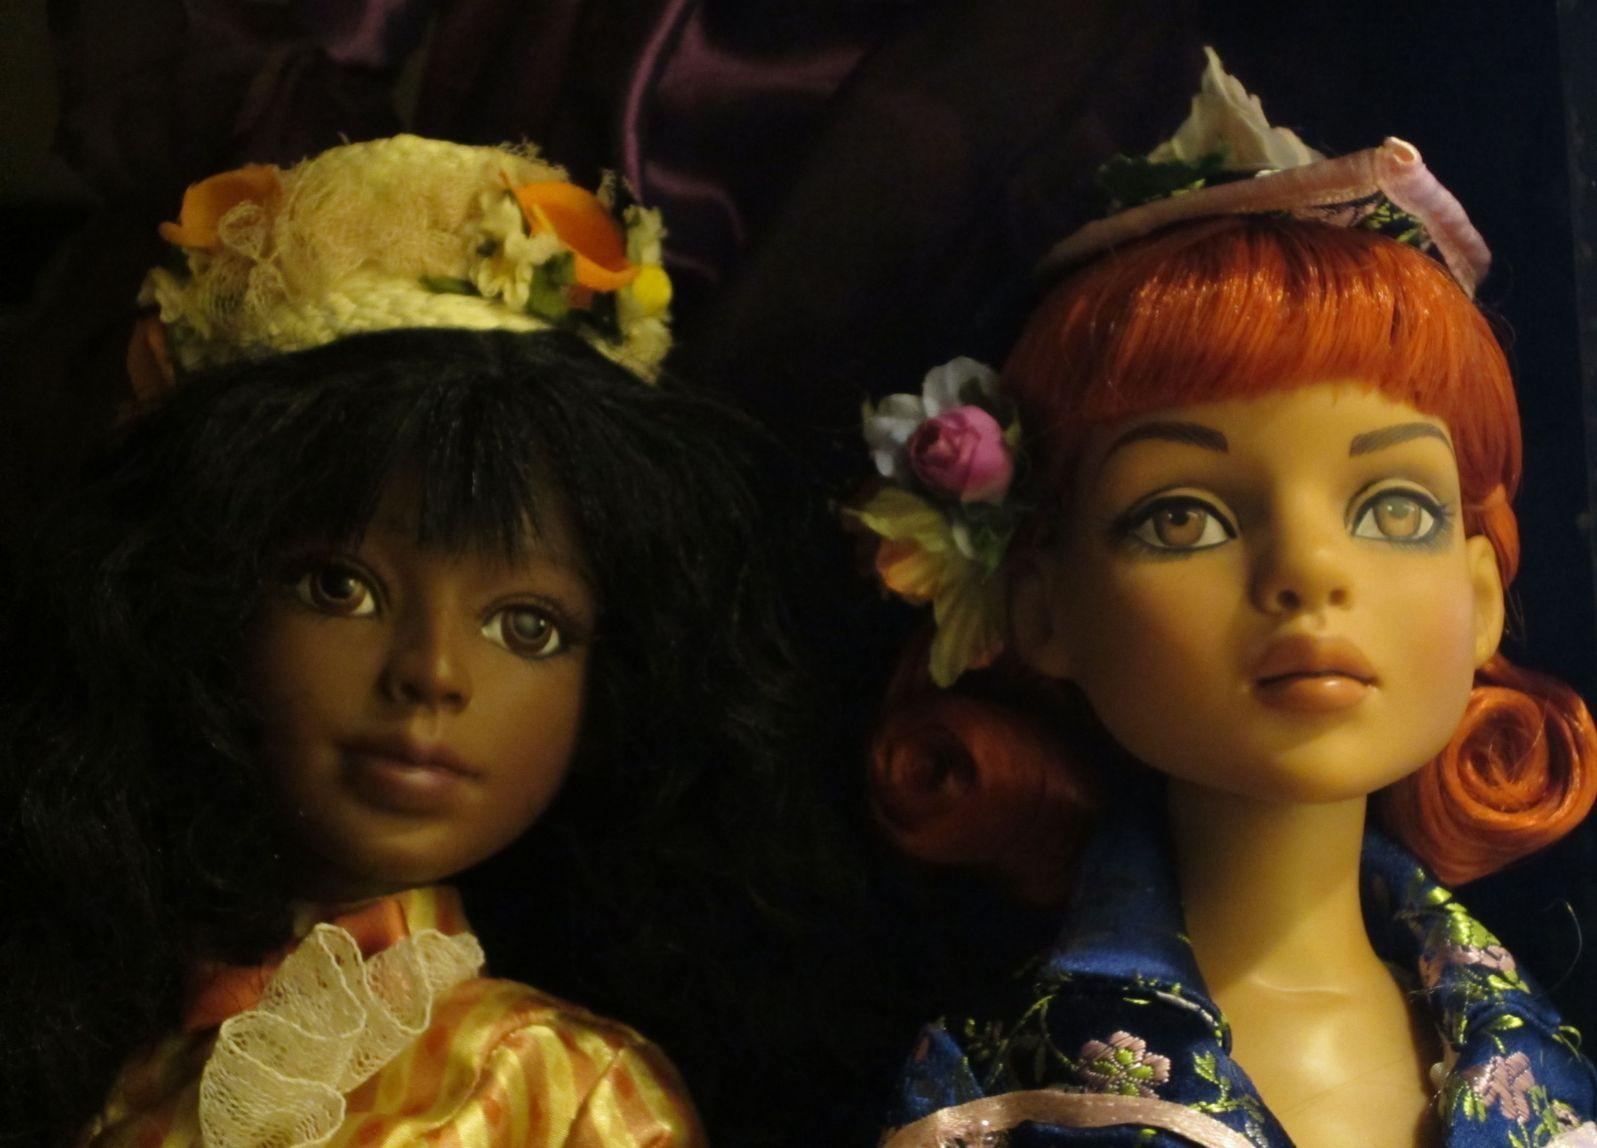 Les perles noires d'Idriss: Lizette, Lizelotte, Tah'ra et Napata .... 2012-02%20Lizette%20et%20Napata%2014